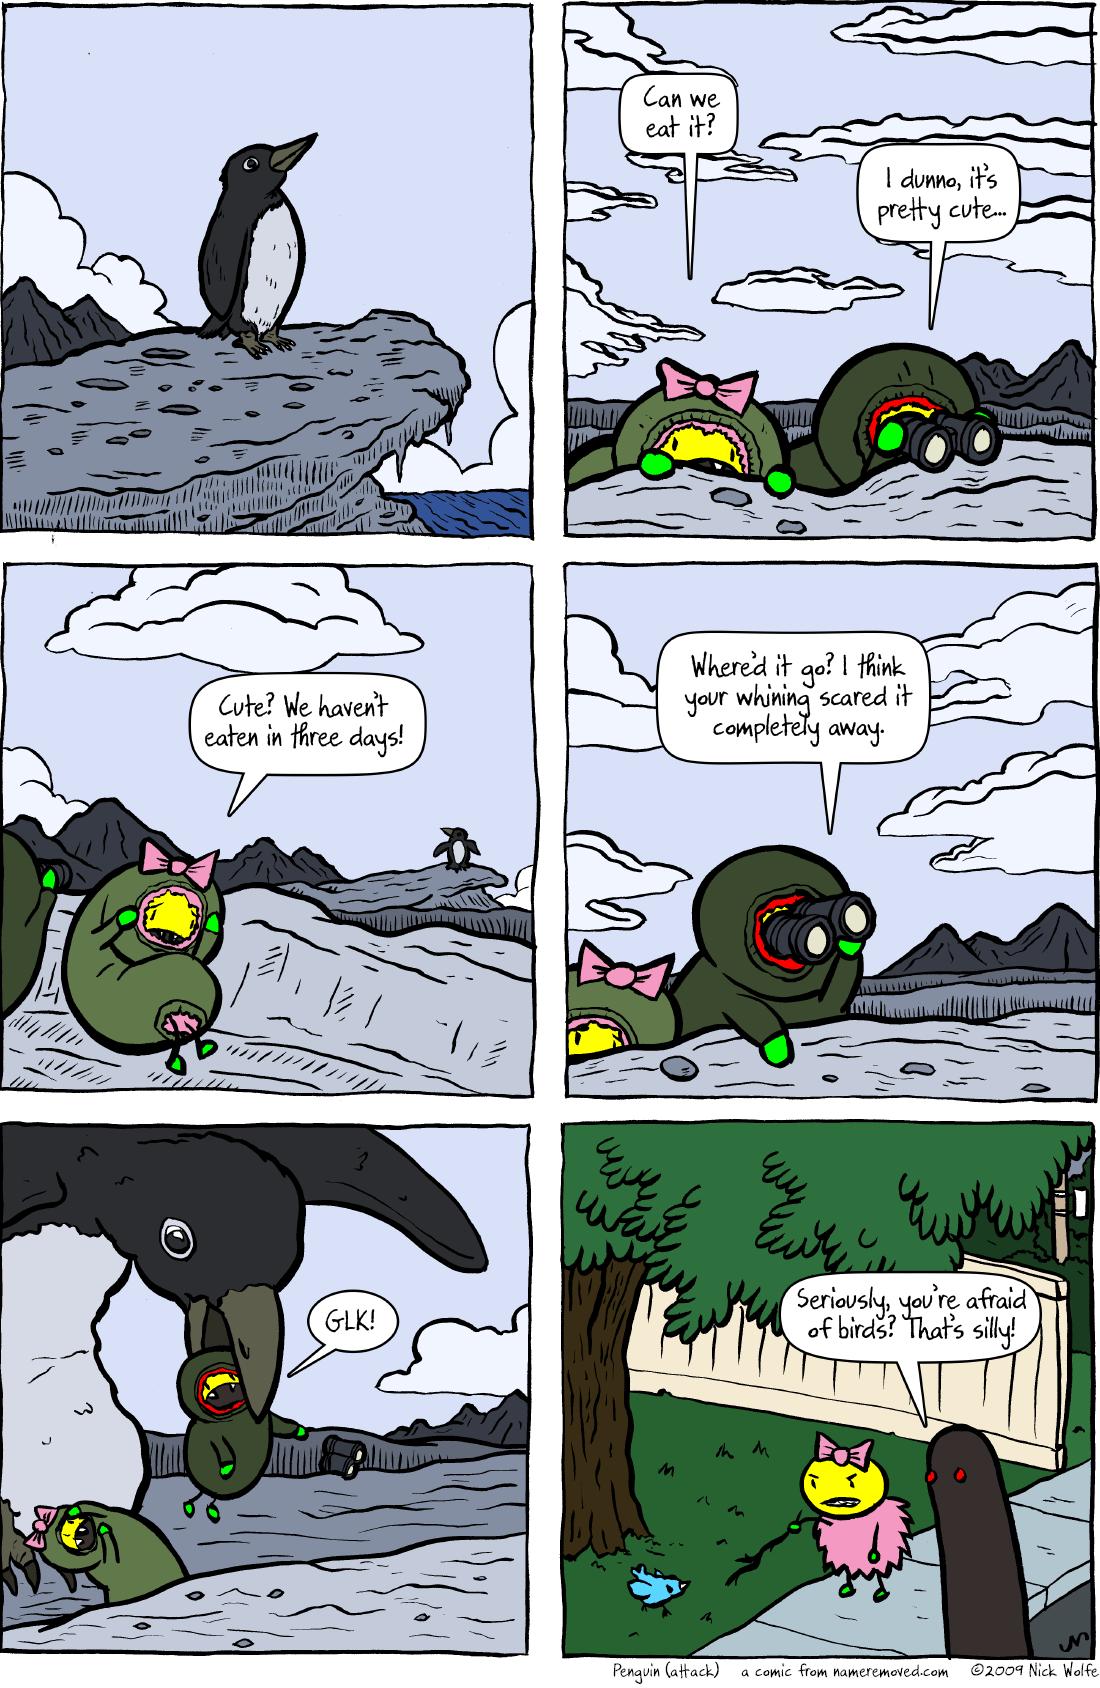 Penguin (attack)